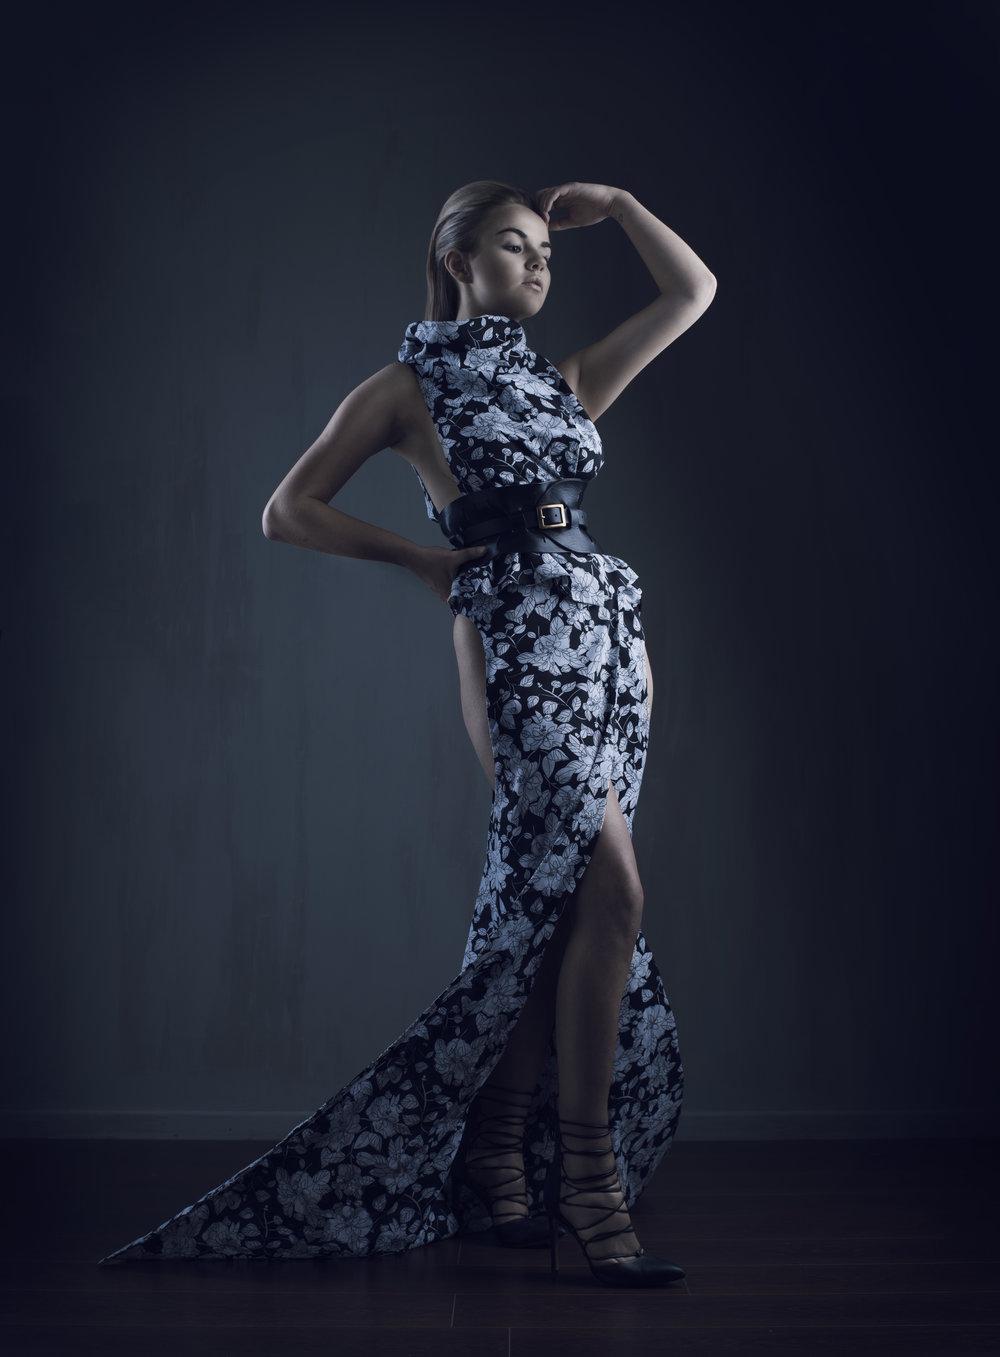 zaramia-ava-zaramiaava-leeds-fashion-designer-ethical-sustainable-glasses-versatile-drape-wrap-top-wrap-top-dress-black-white-grey-styling-pose-studio-womenswear-photoshoot-11